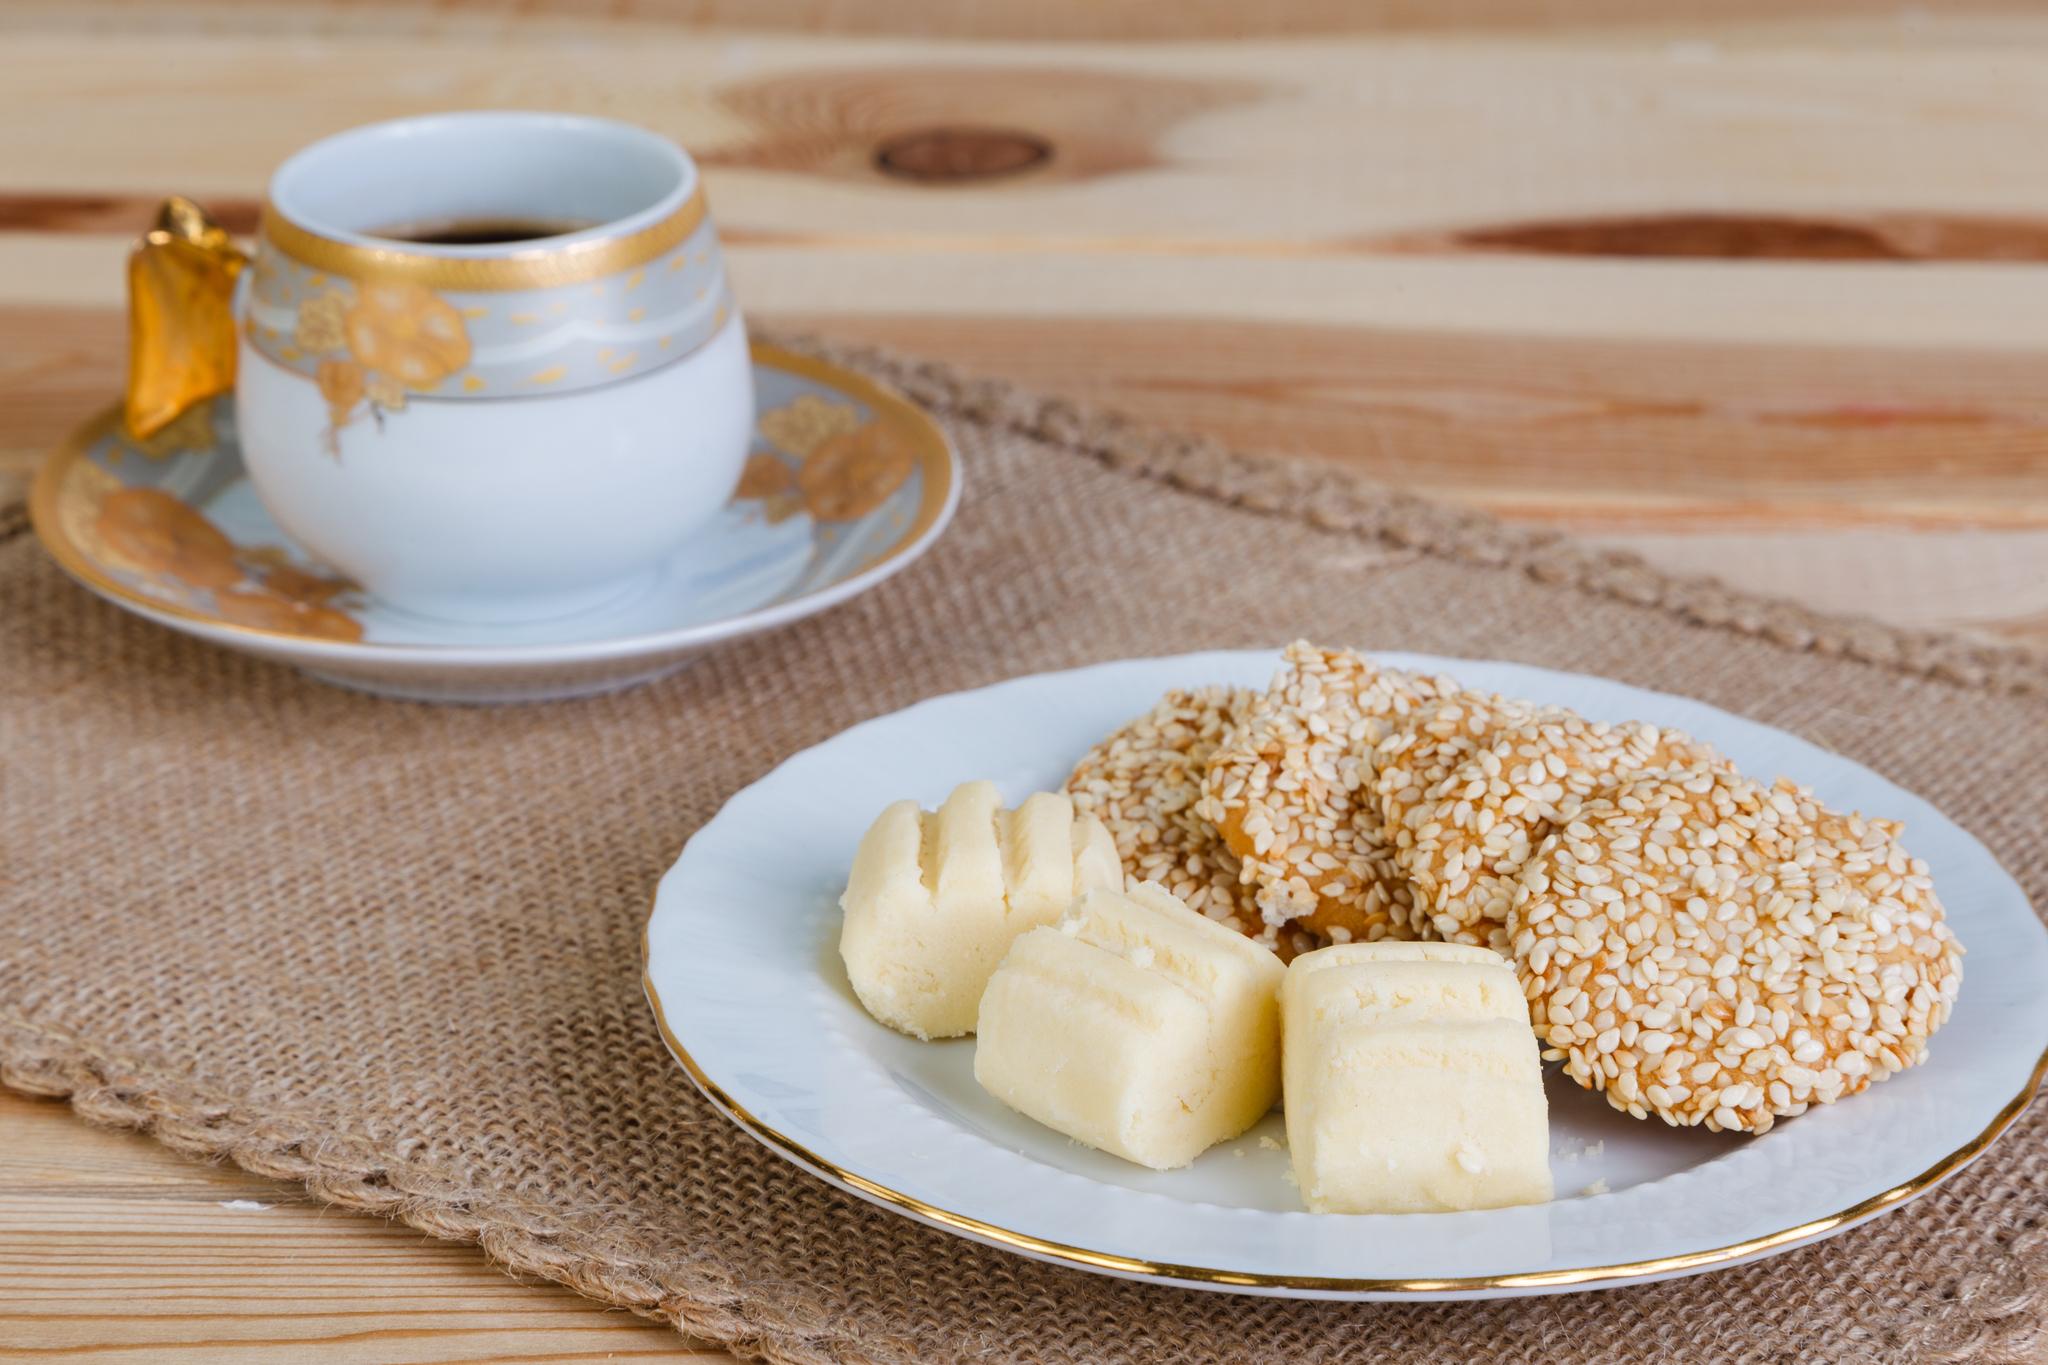 Печенье Восточное печенье Грайбе, 800 г import_files_6f_6f5dd3c5787e11e799f3606c664b1de1_406034492e9611e8a993484d7ecee297.jpg